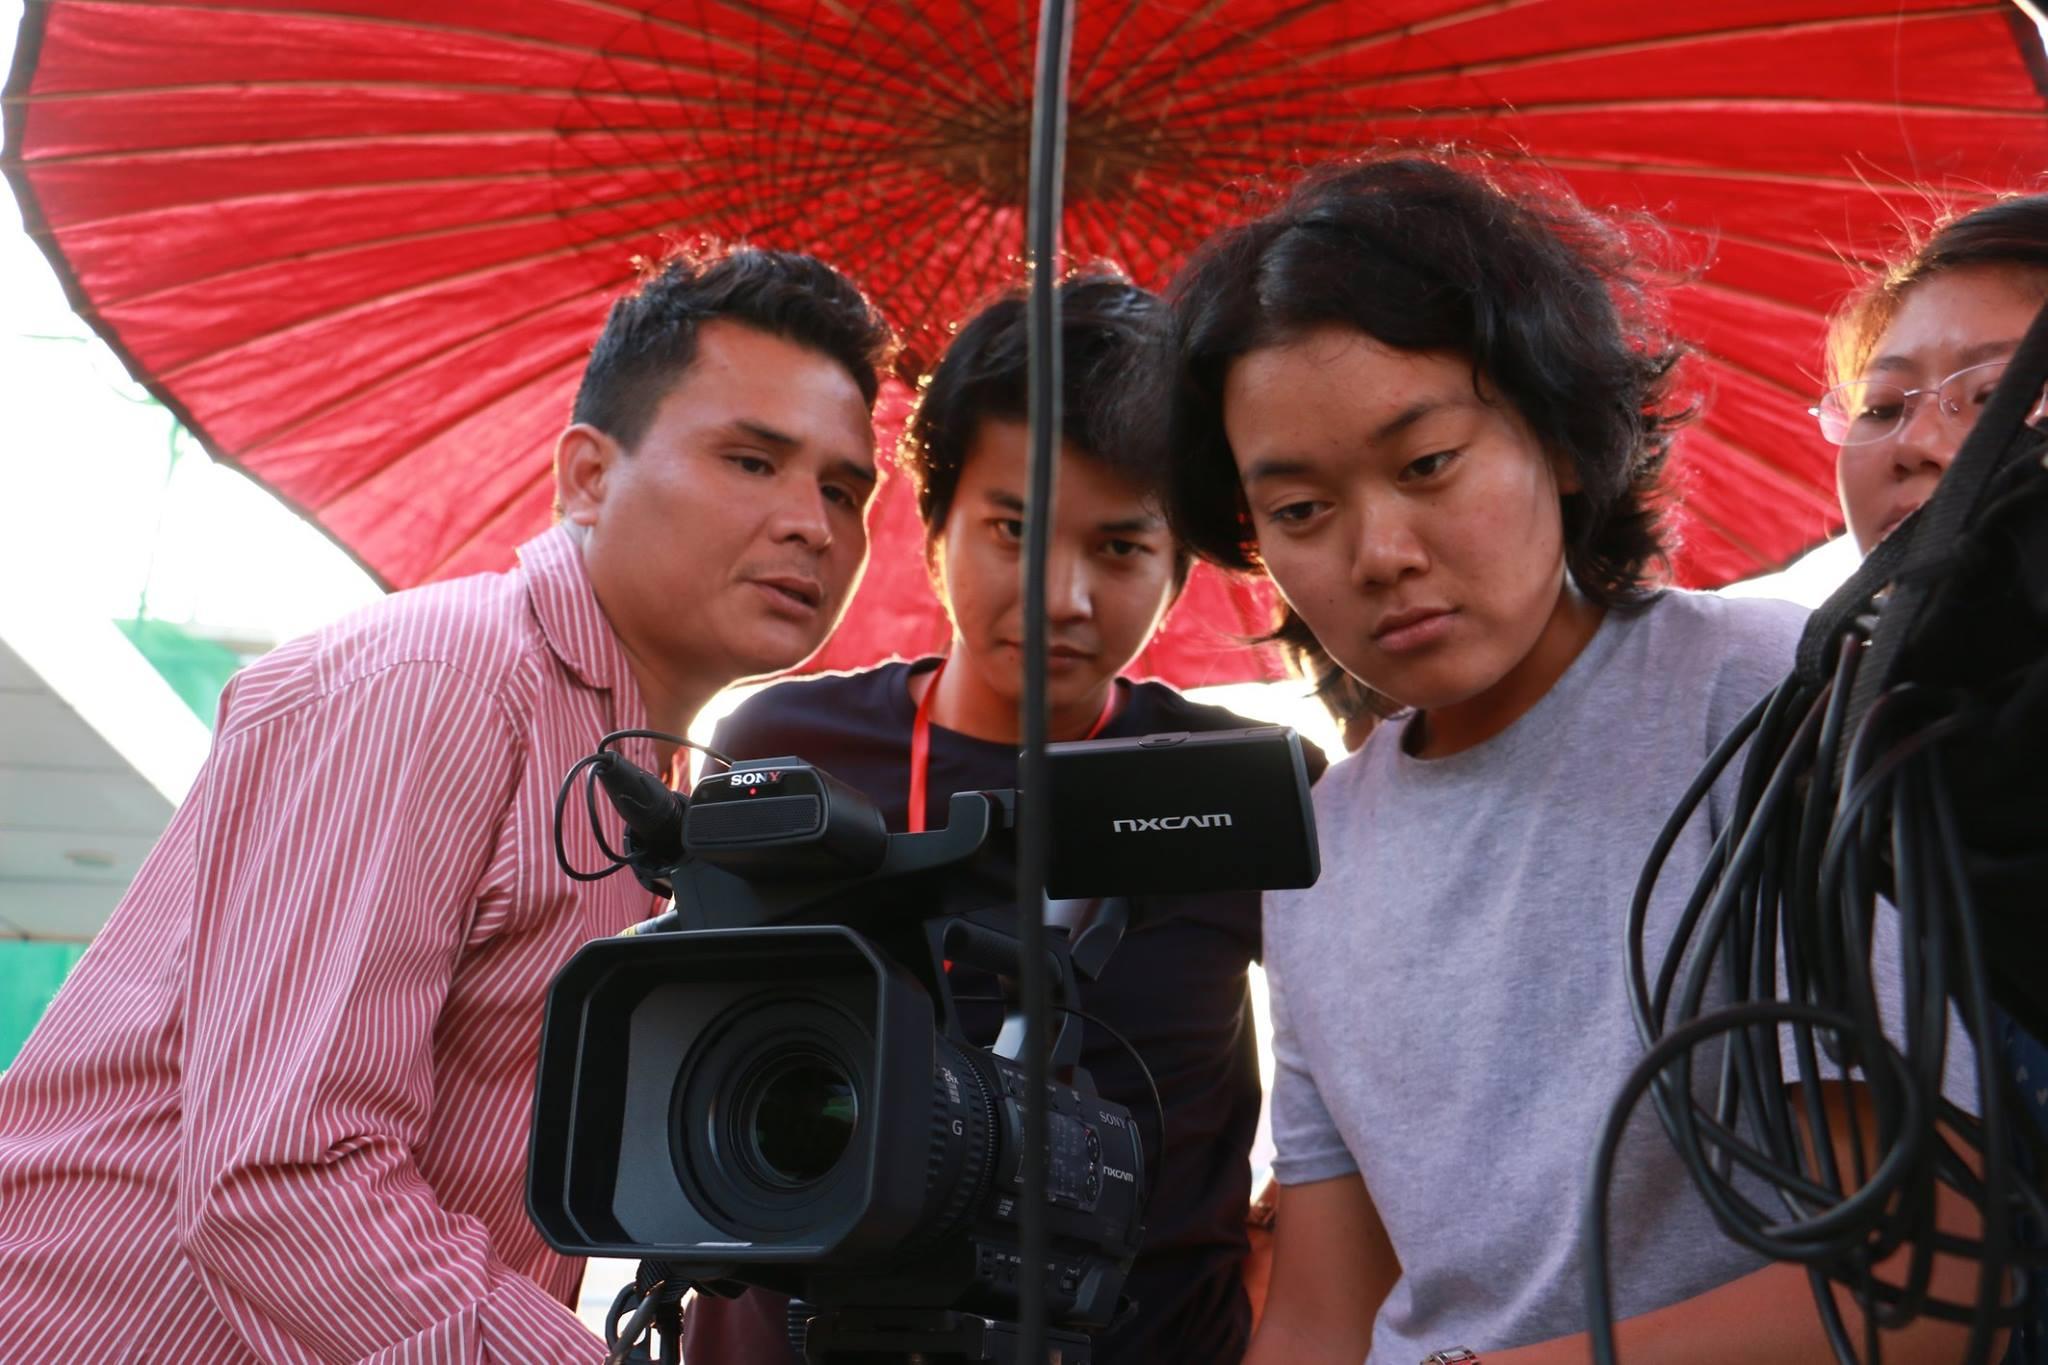 Opiskelijoita Myanmarissa kameran kanssa